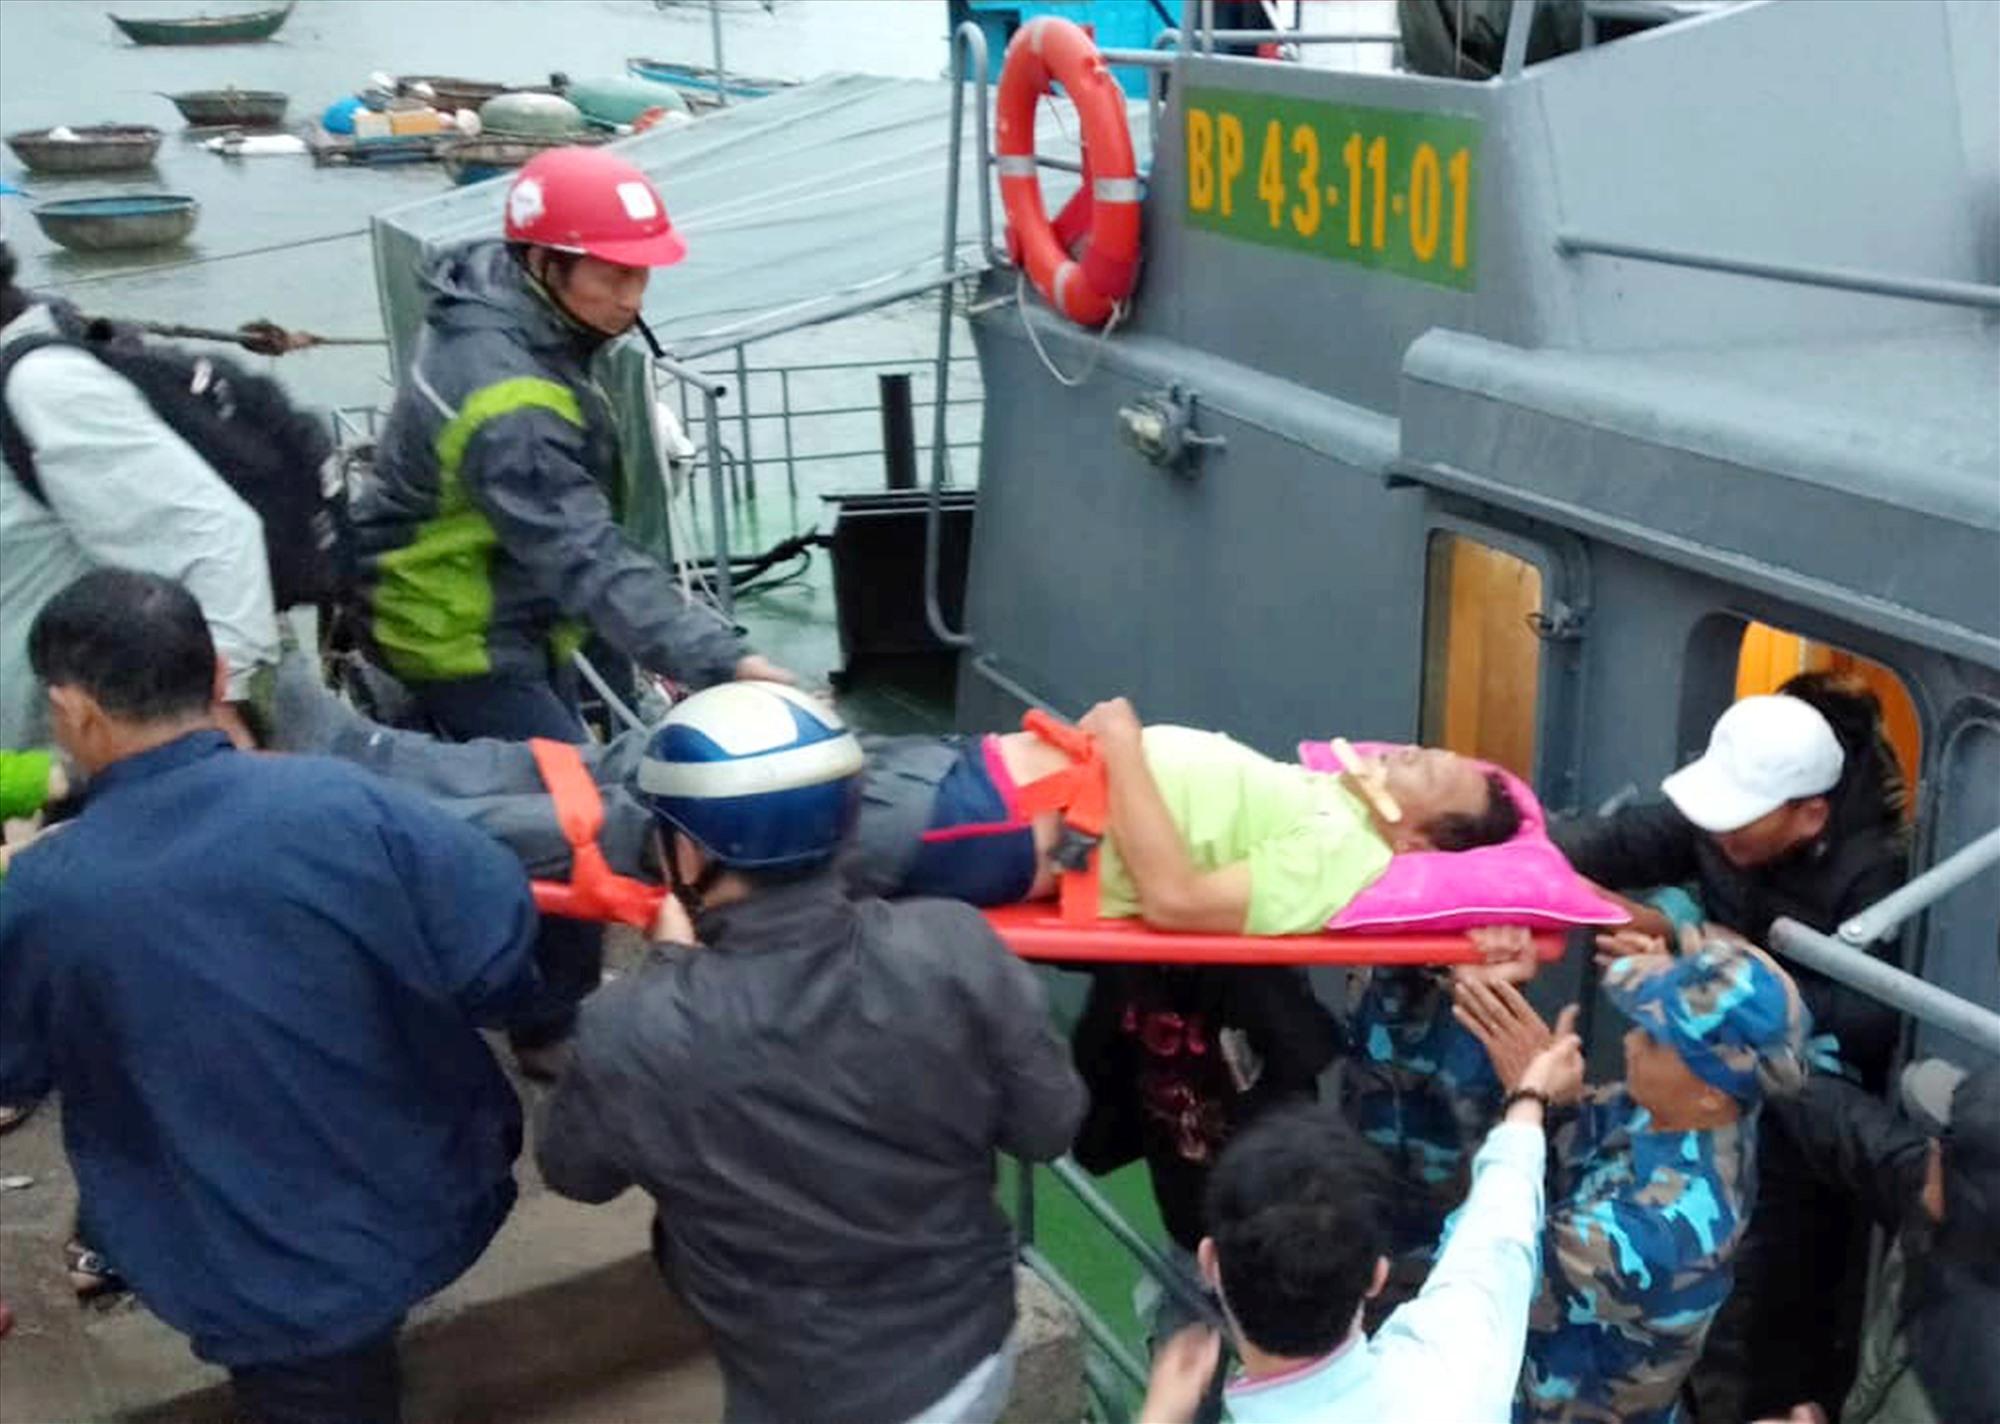 Ông Long được chuyển lên tàu vào đất liền cấp cứu T/h Huỳnh Chín